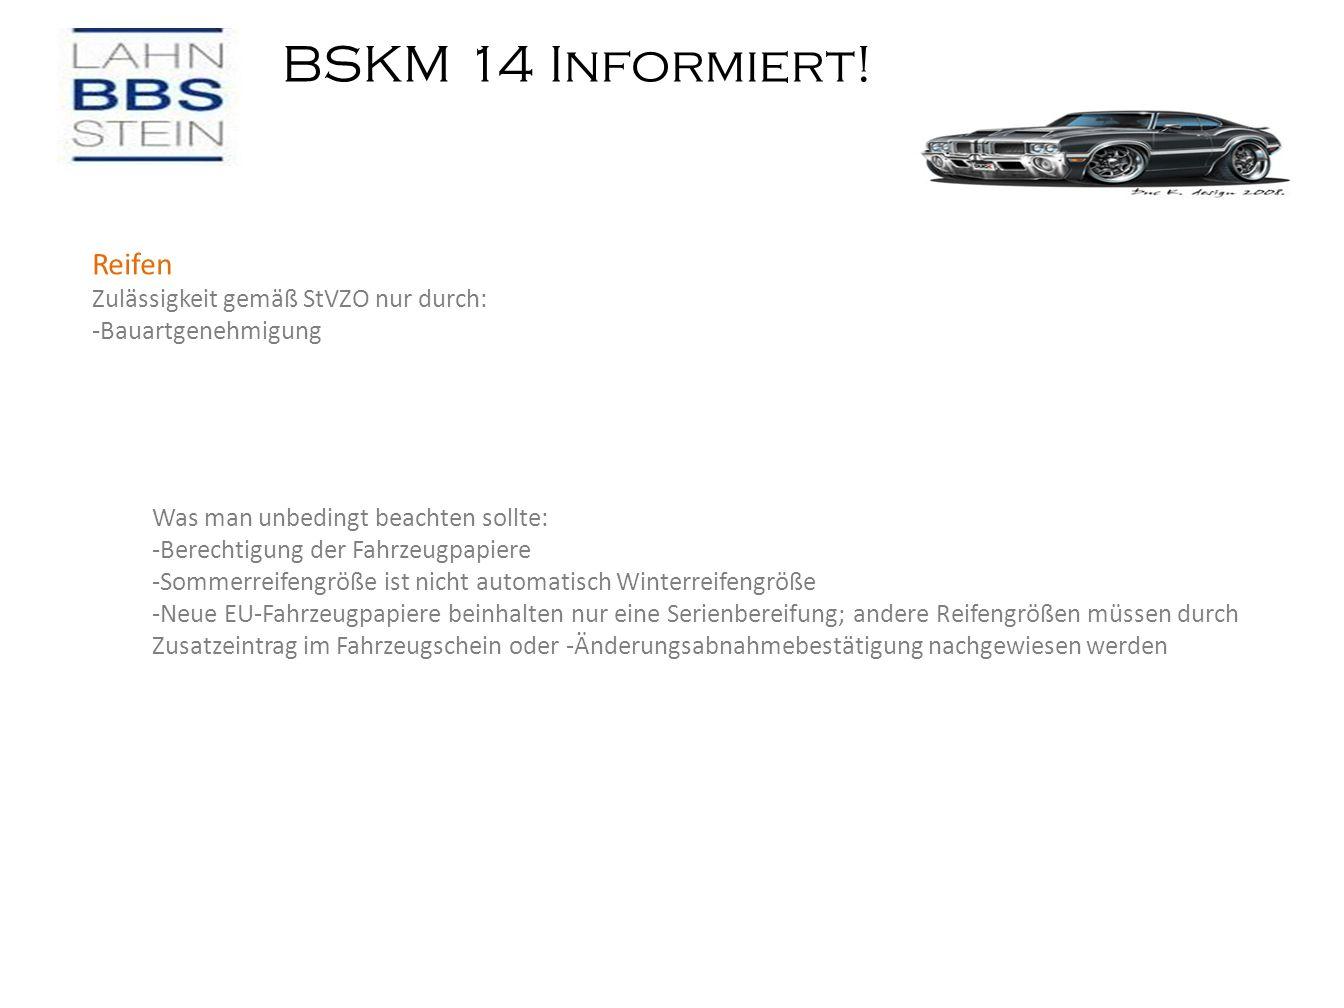 BSKM 14 Informiert! Reifen Zulässigkeit gemäß StVZO nur durch: -Bauartgenehmigung Was man unbedingt beachten sollte: -Berechtigung der Fahrzeugpapiere